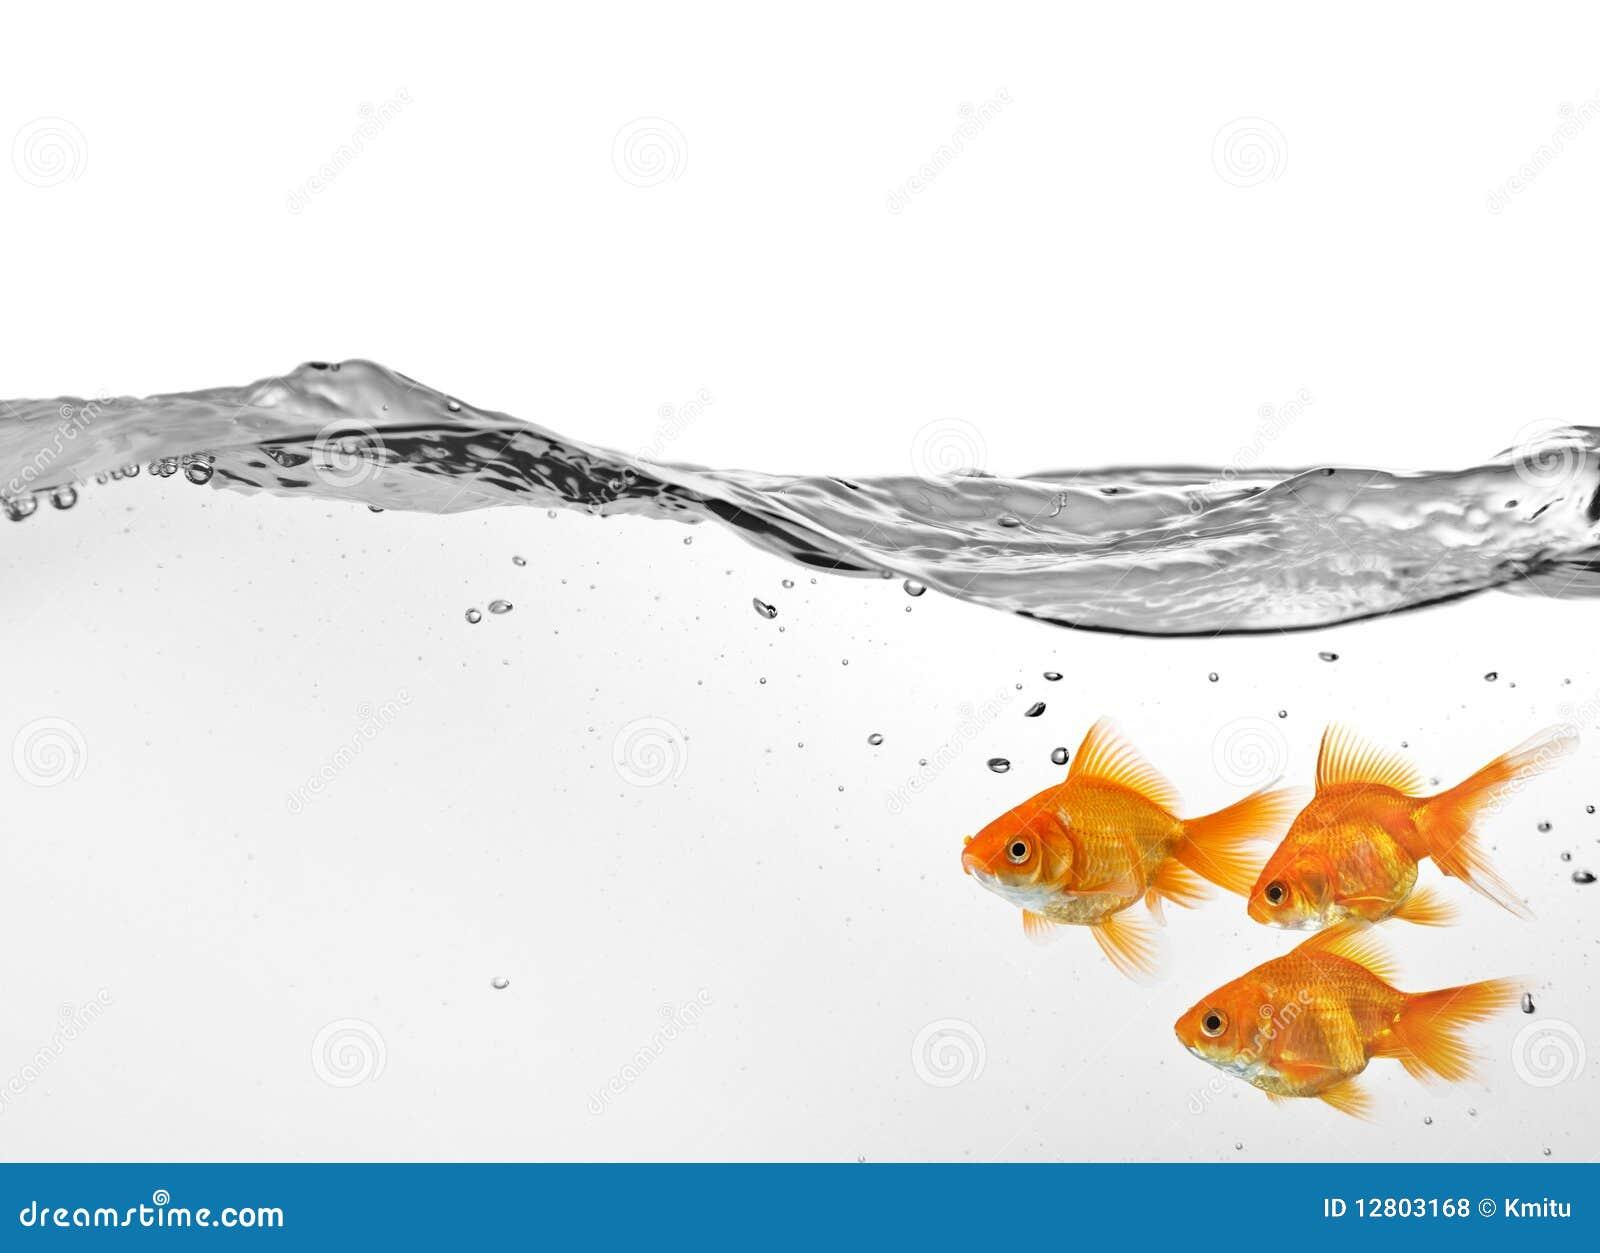 Grupo pequeno de goldfish na água